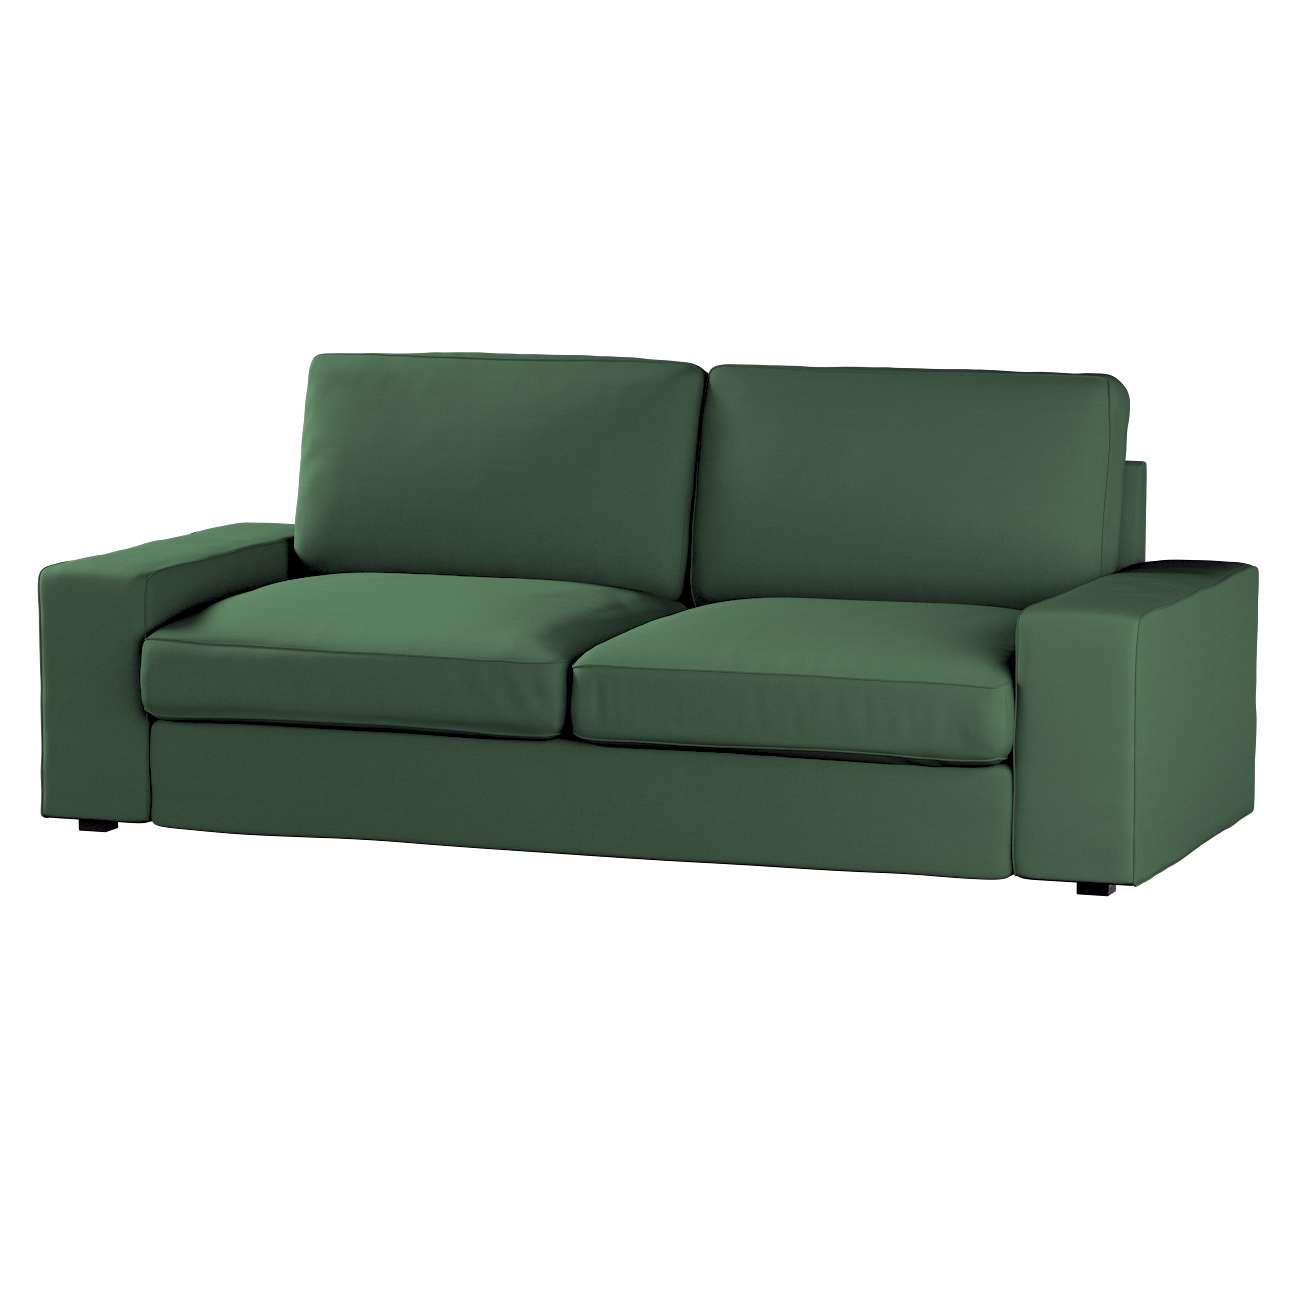 Pokrowiec na sofę Kivik 3-osobową, nierozkładaną Sofa Kivik 3-osobowa nierozkładana w kolekcji Cotton Panama, tkanina: 702-06